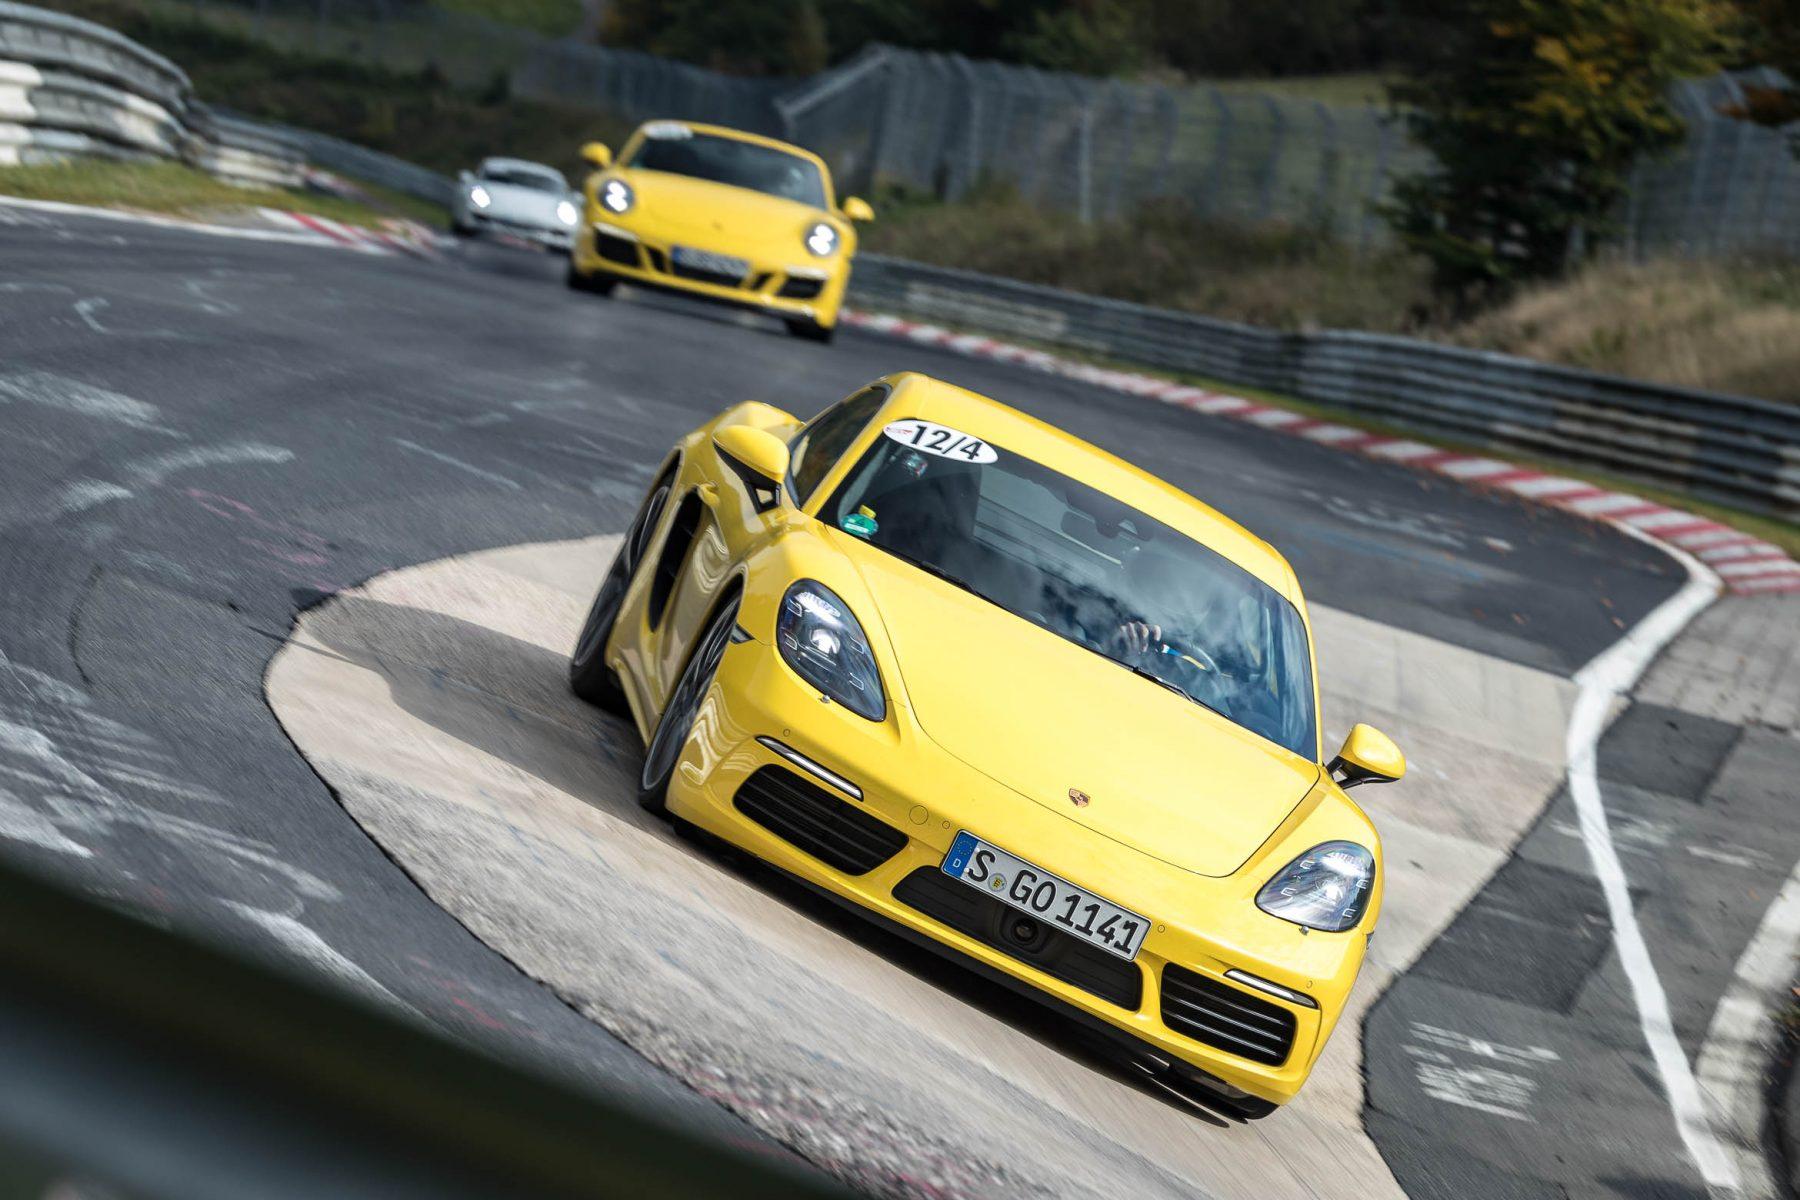 Porsche 718 Cayman S Sport Auto Perfektionstraining auf der Nordschleife